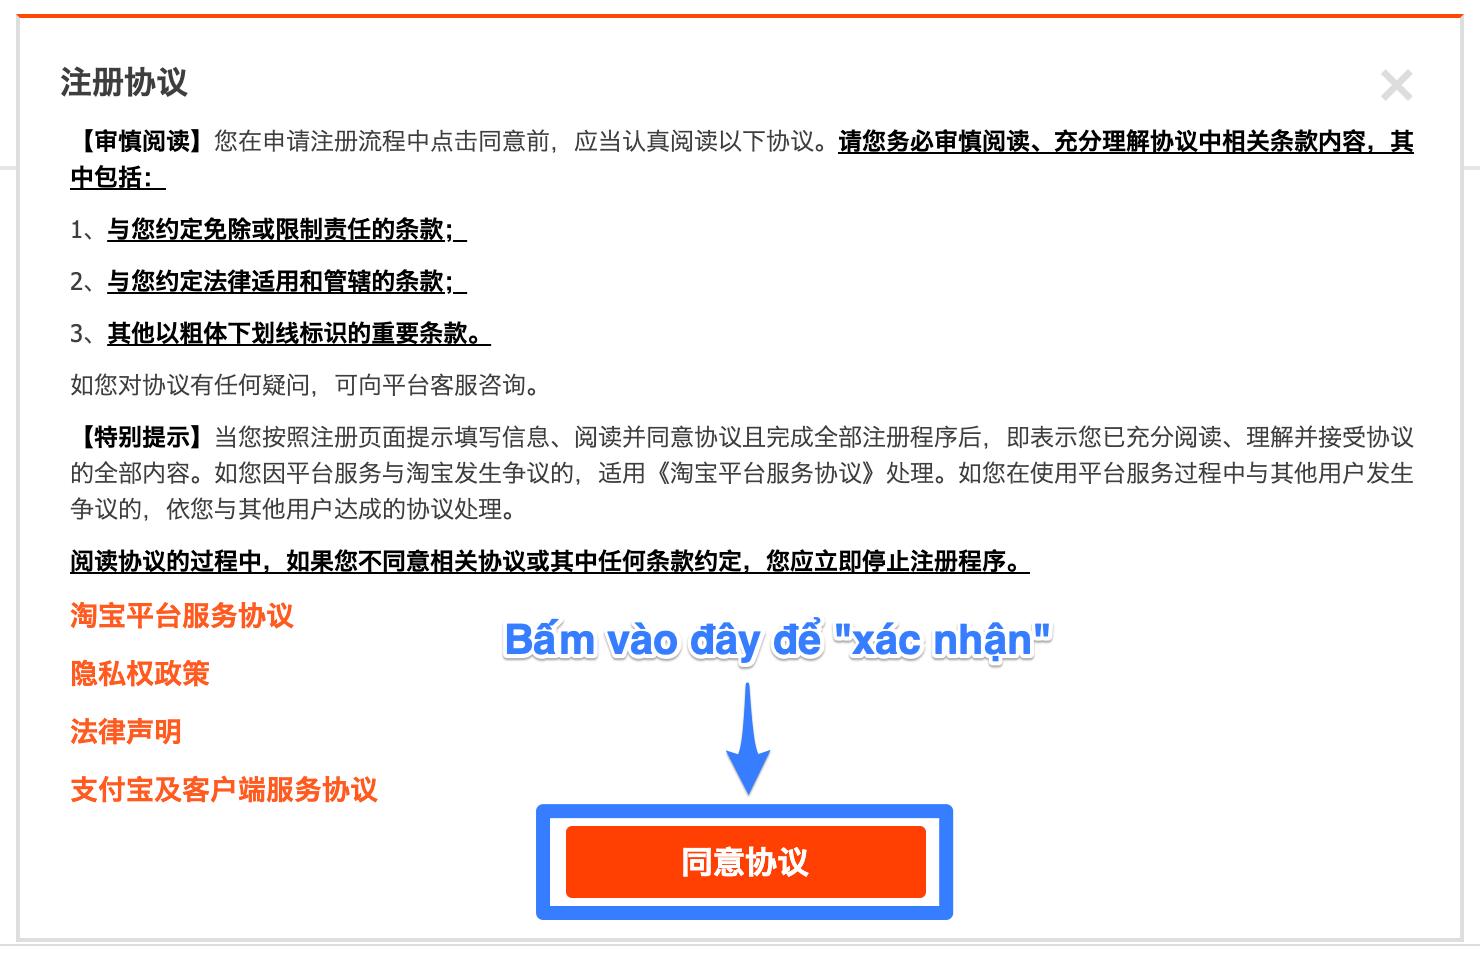 Điều khoản khi đăng ký tài khoản tại Taobao